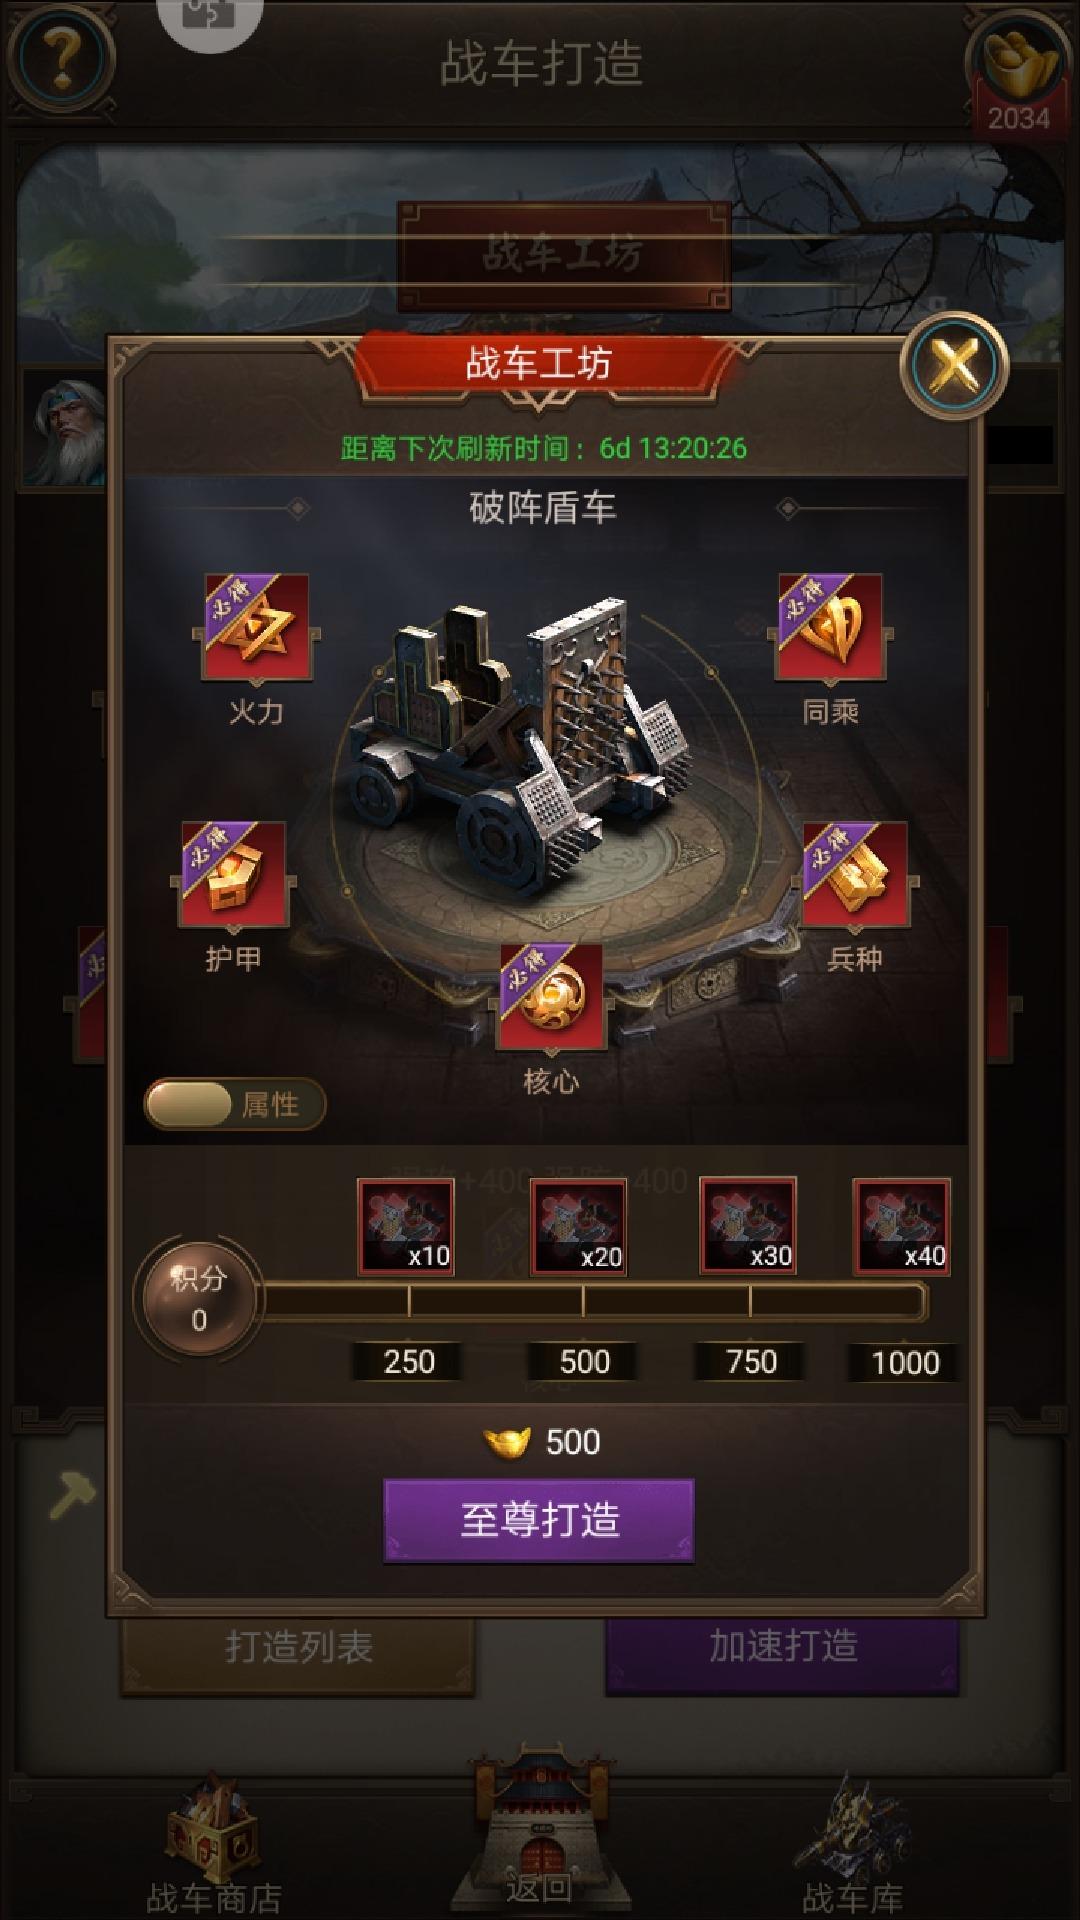 Screenshot_20191205_073713_juedi.tatuyin.rxsg.huawei.jpg